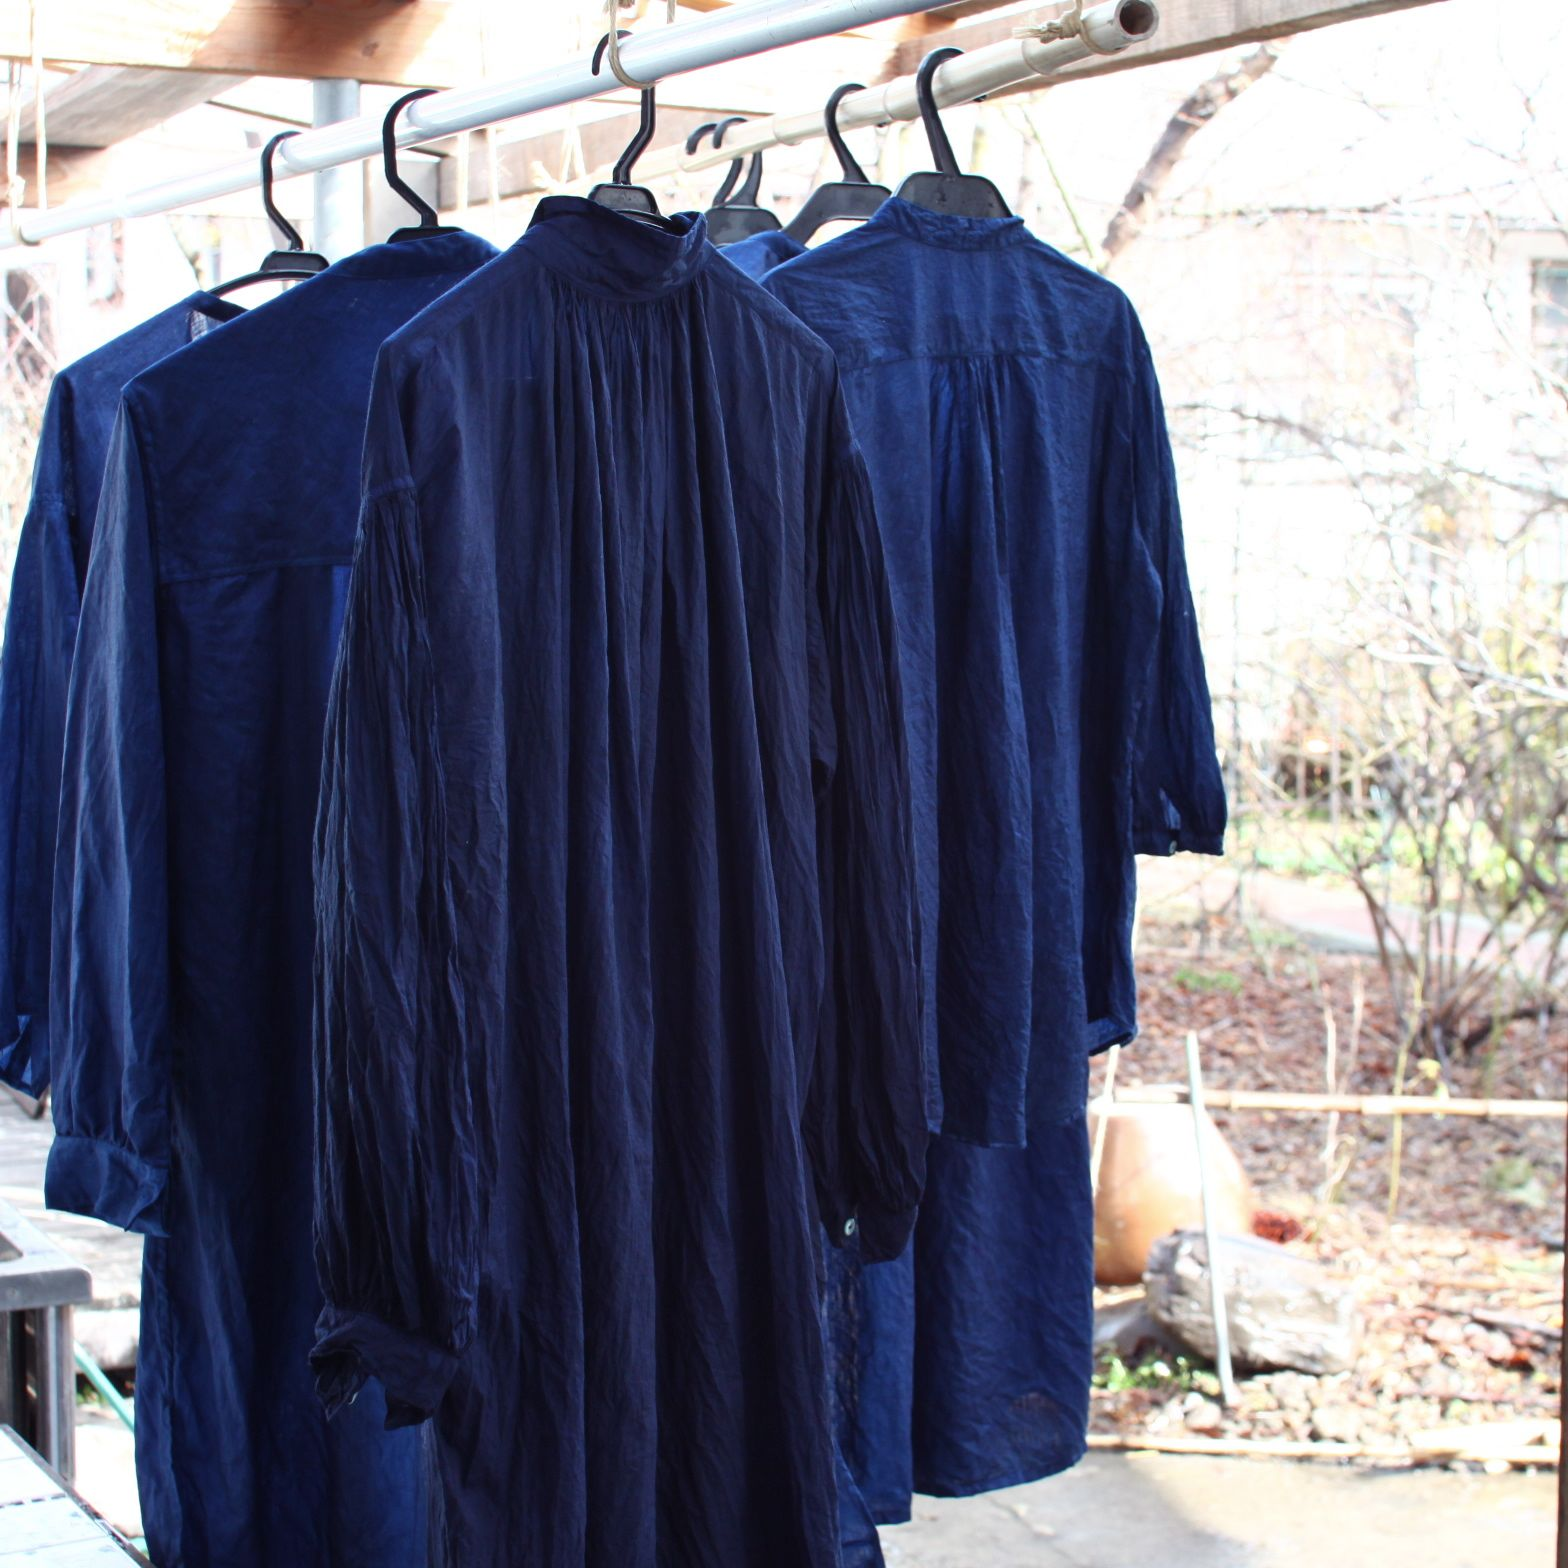 琉球藍 本藍染め 今日藍染めしたリネンワンピースとチュニック  Indigo dyed linen dress